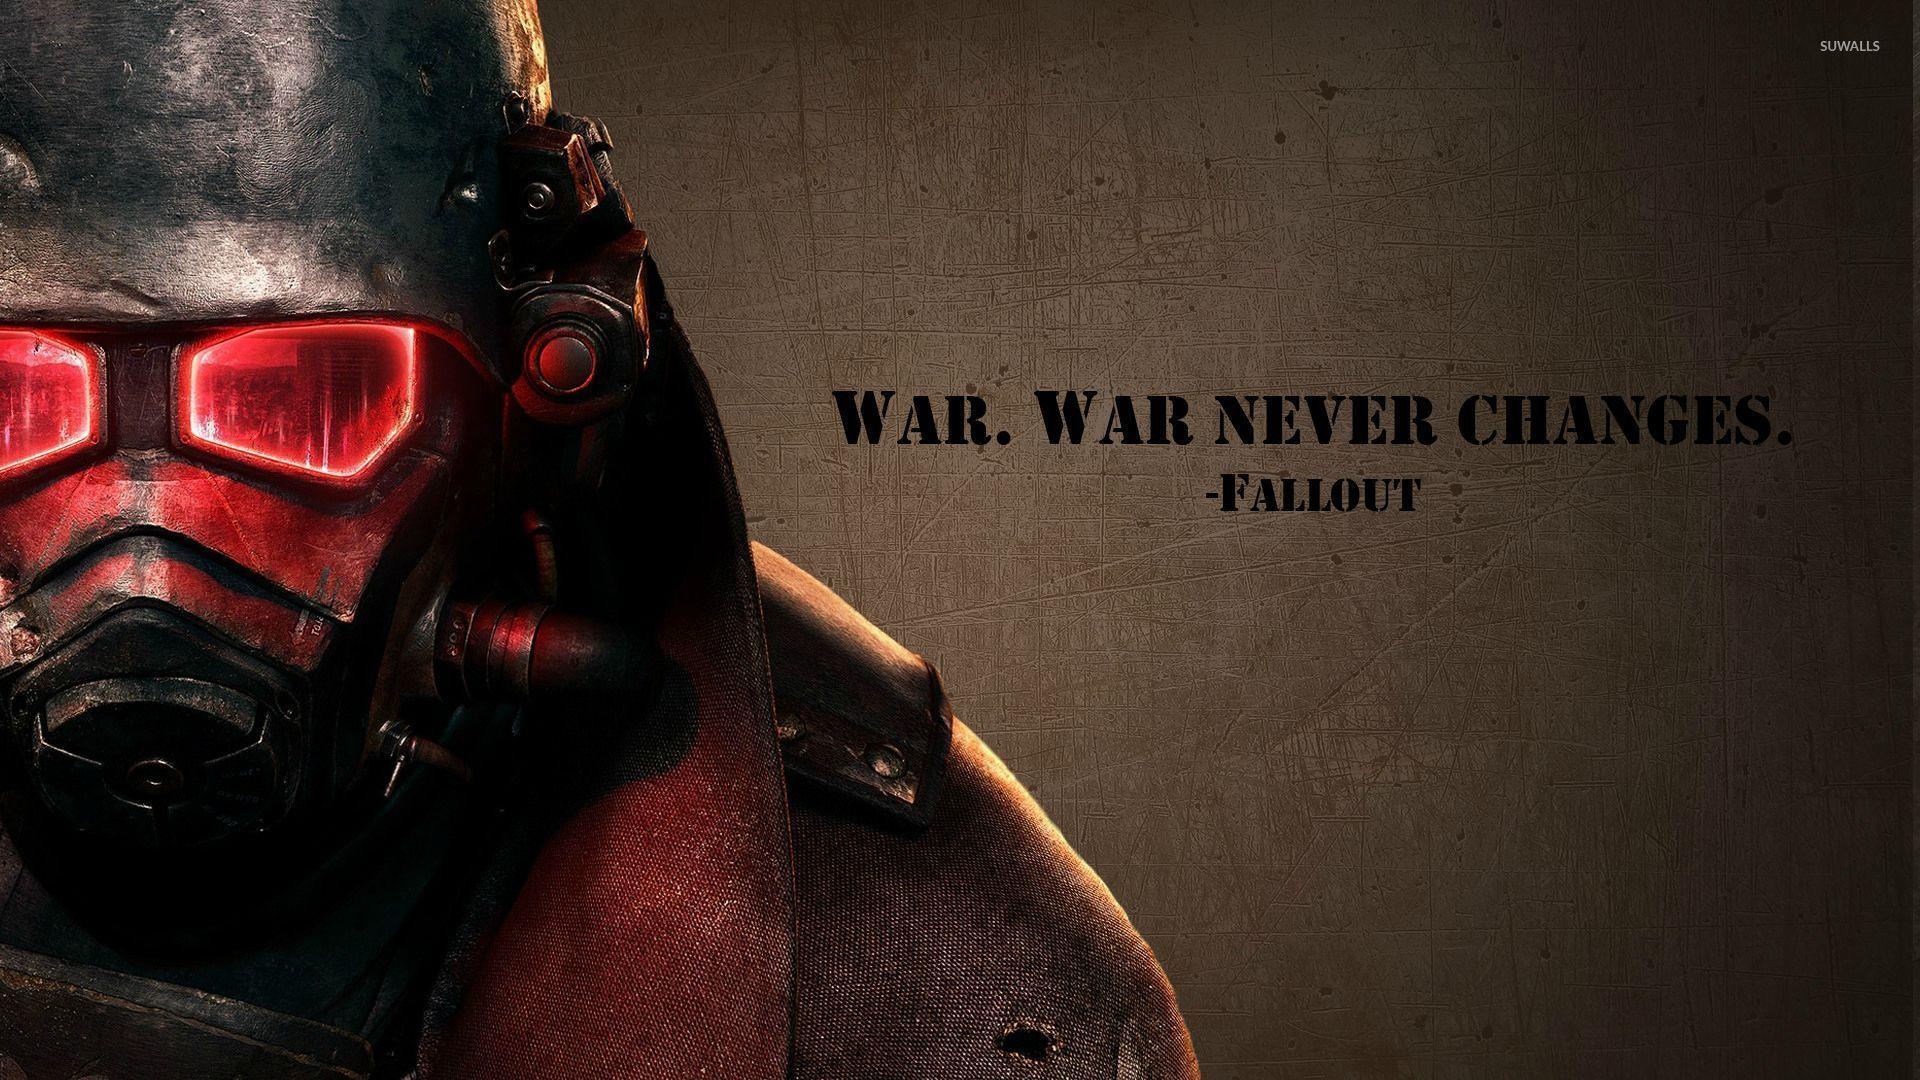 War never changes - Fallout wallpaper